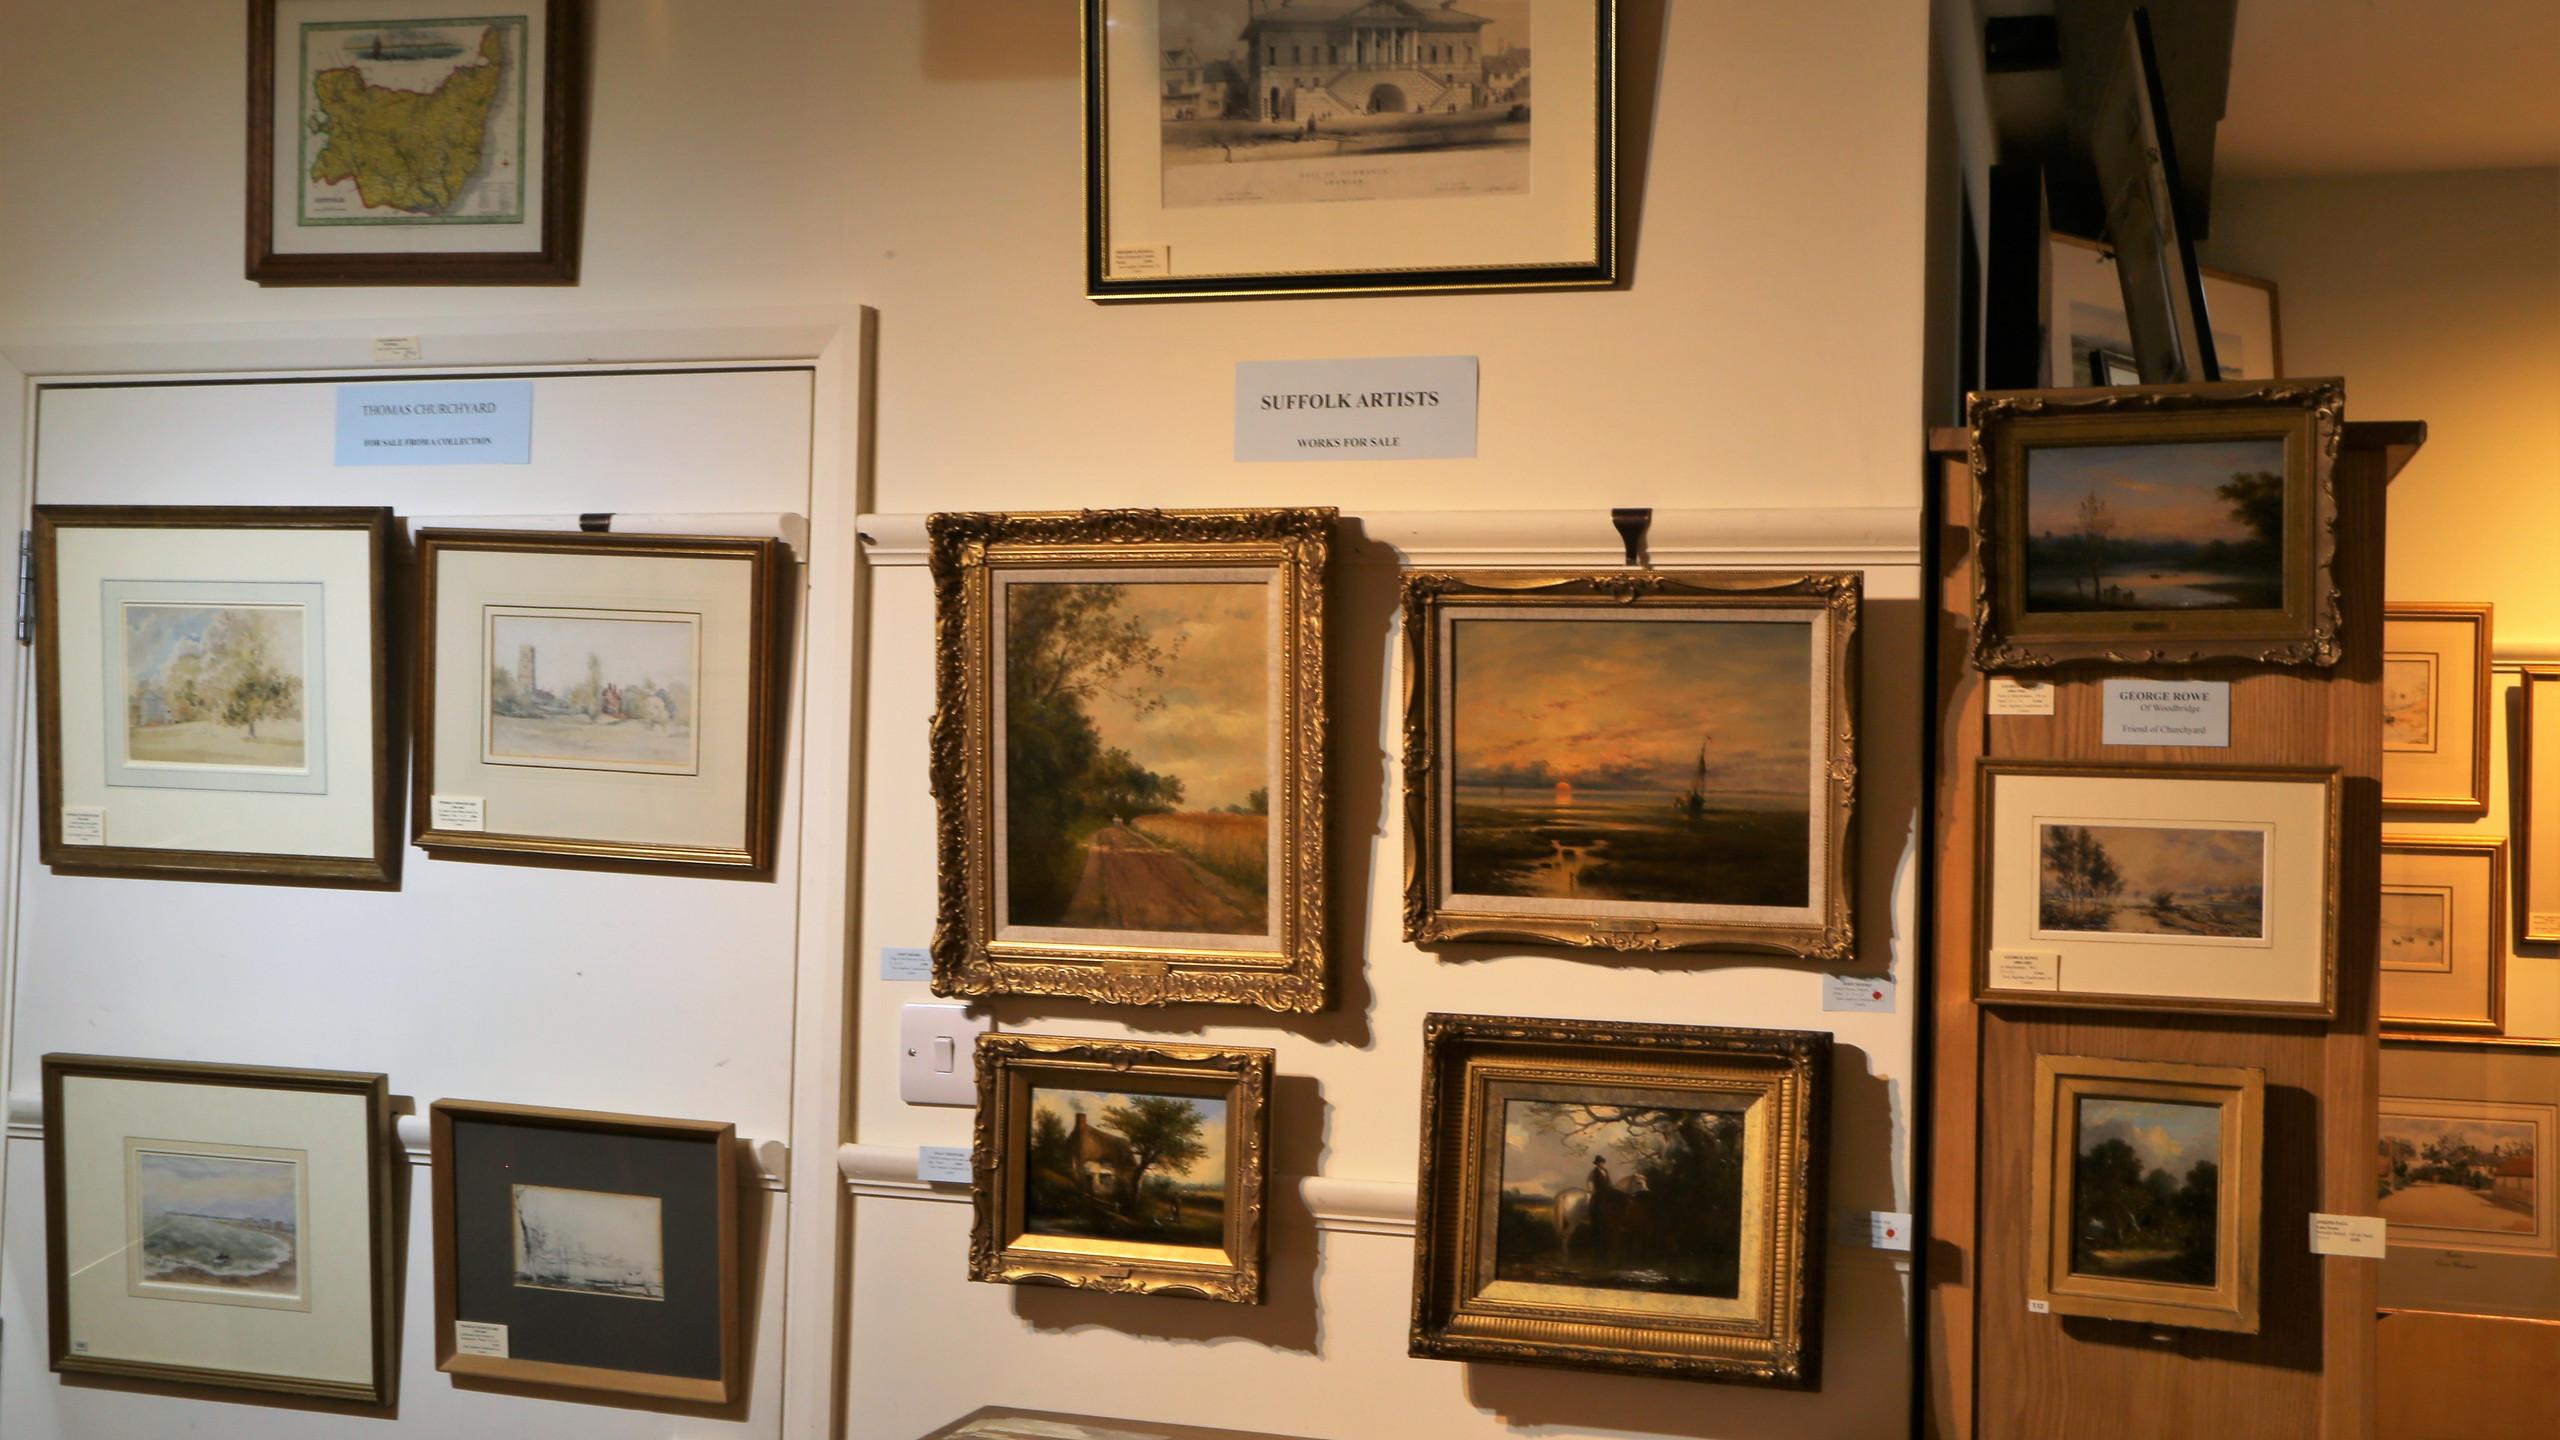 Suffolk artists